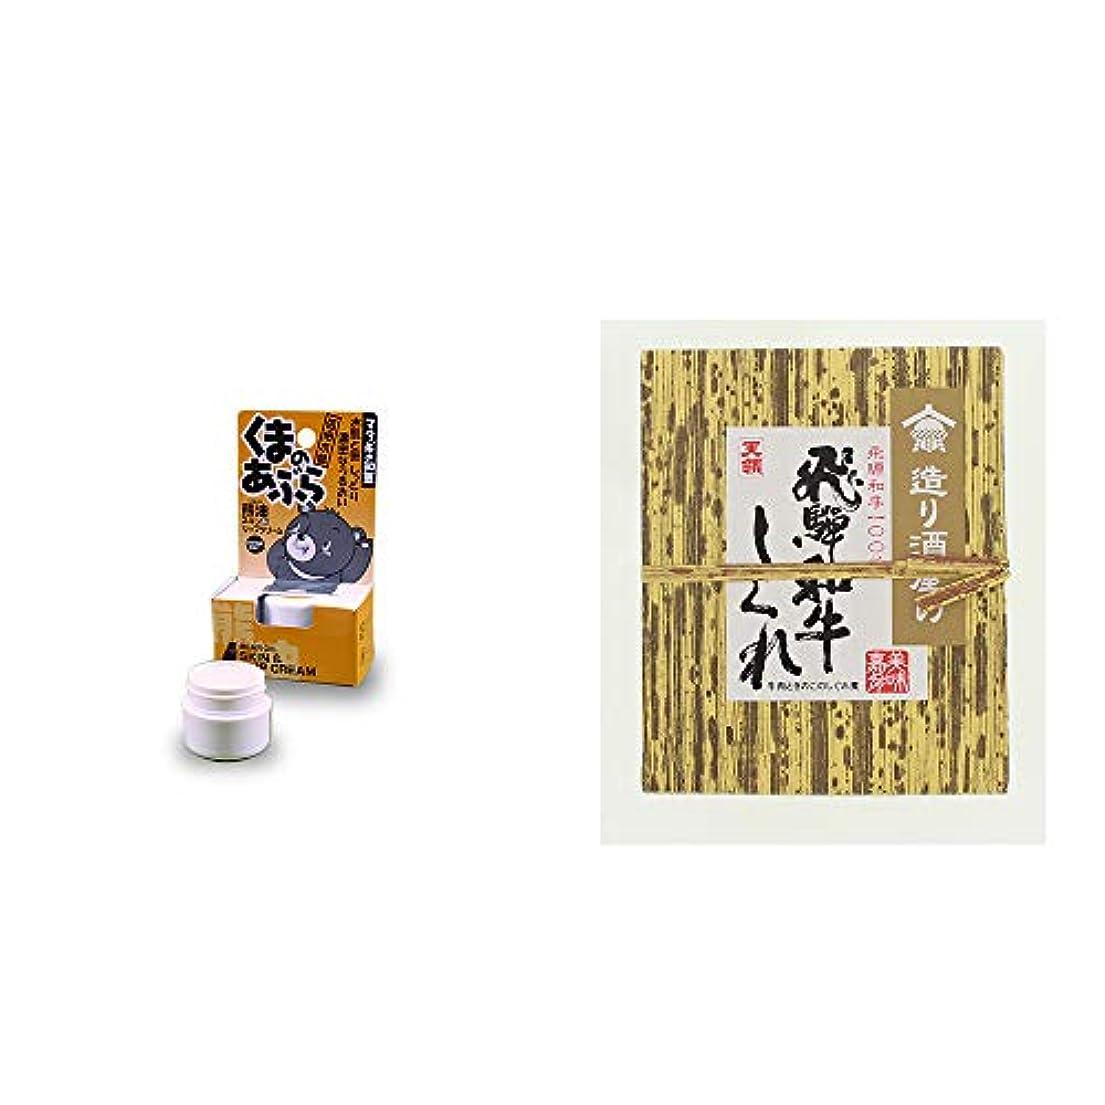 ストリームデンプシーデコレーション[2点セット] 信州木曽 くまのあぶら 熊油スキン&リップクリーム(9g)?天領酒造 造り酒屋の飛騨和牛しぐれ(100g)